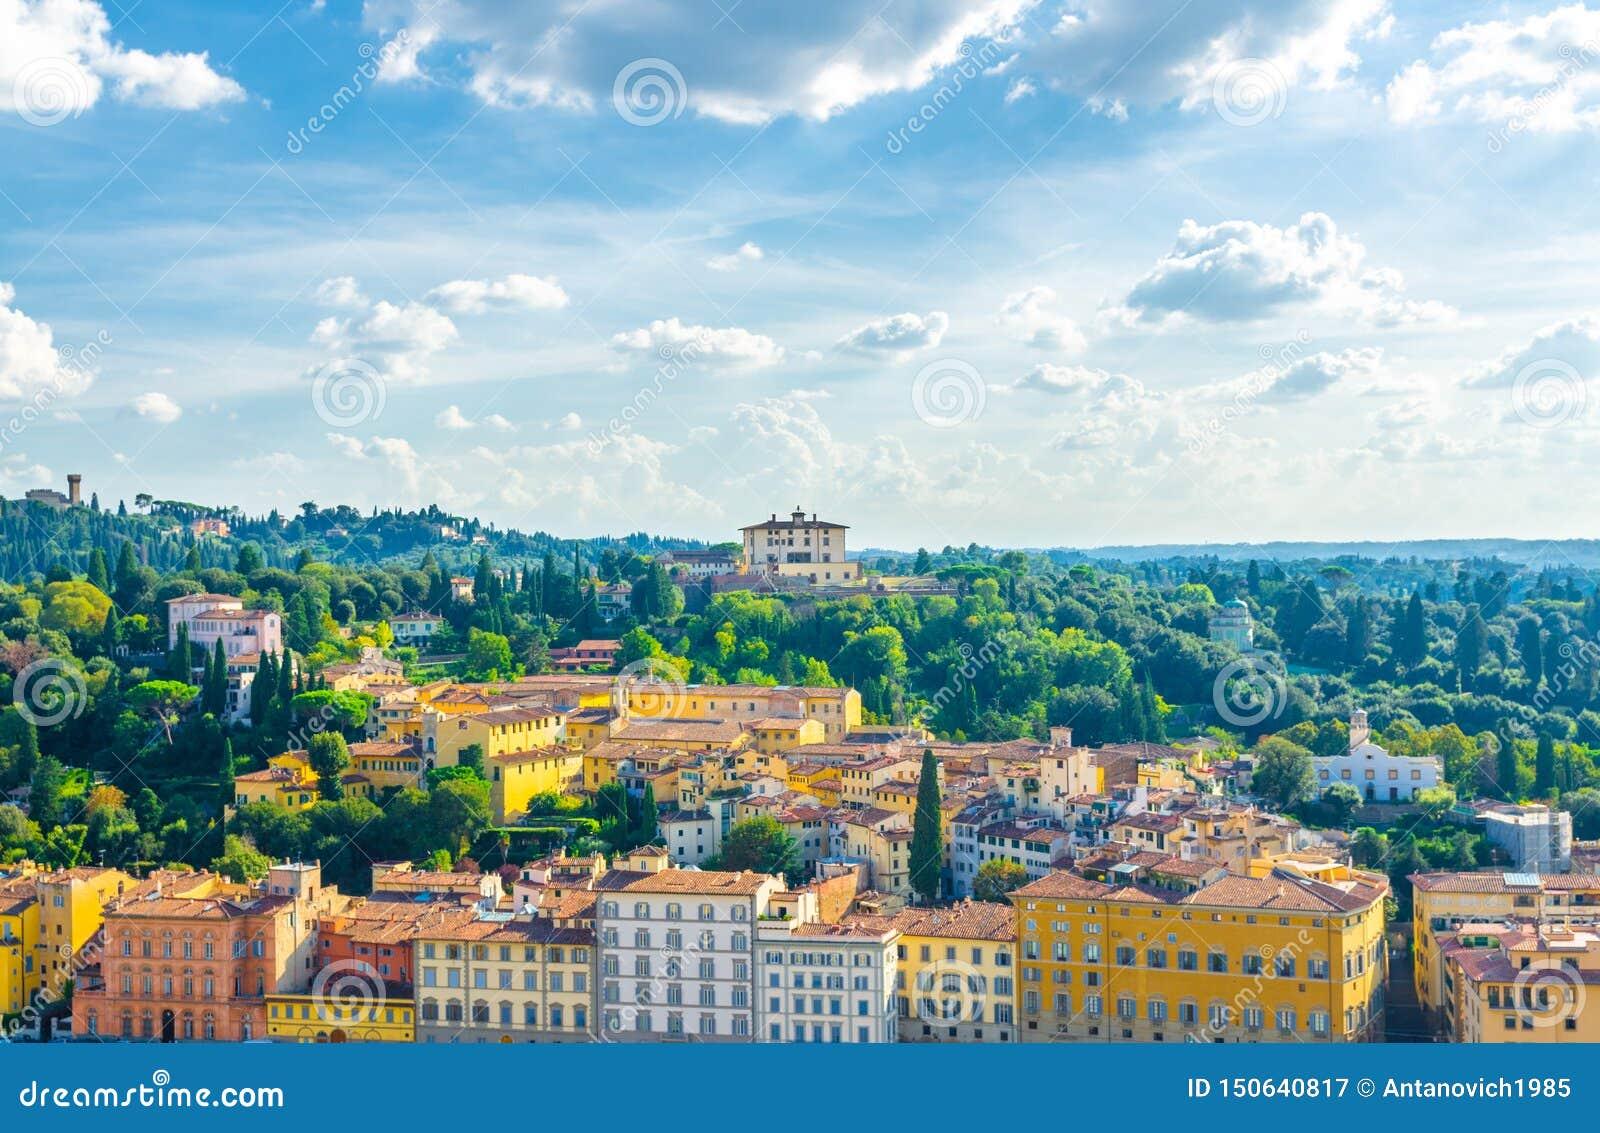 Opinión panorámica aérea superior Forte di Belvedere y colinas verdes del pueblo de Arcetri, fila de edificios, Florencia, Italia